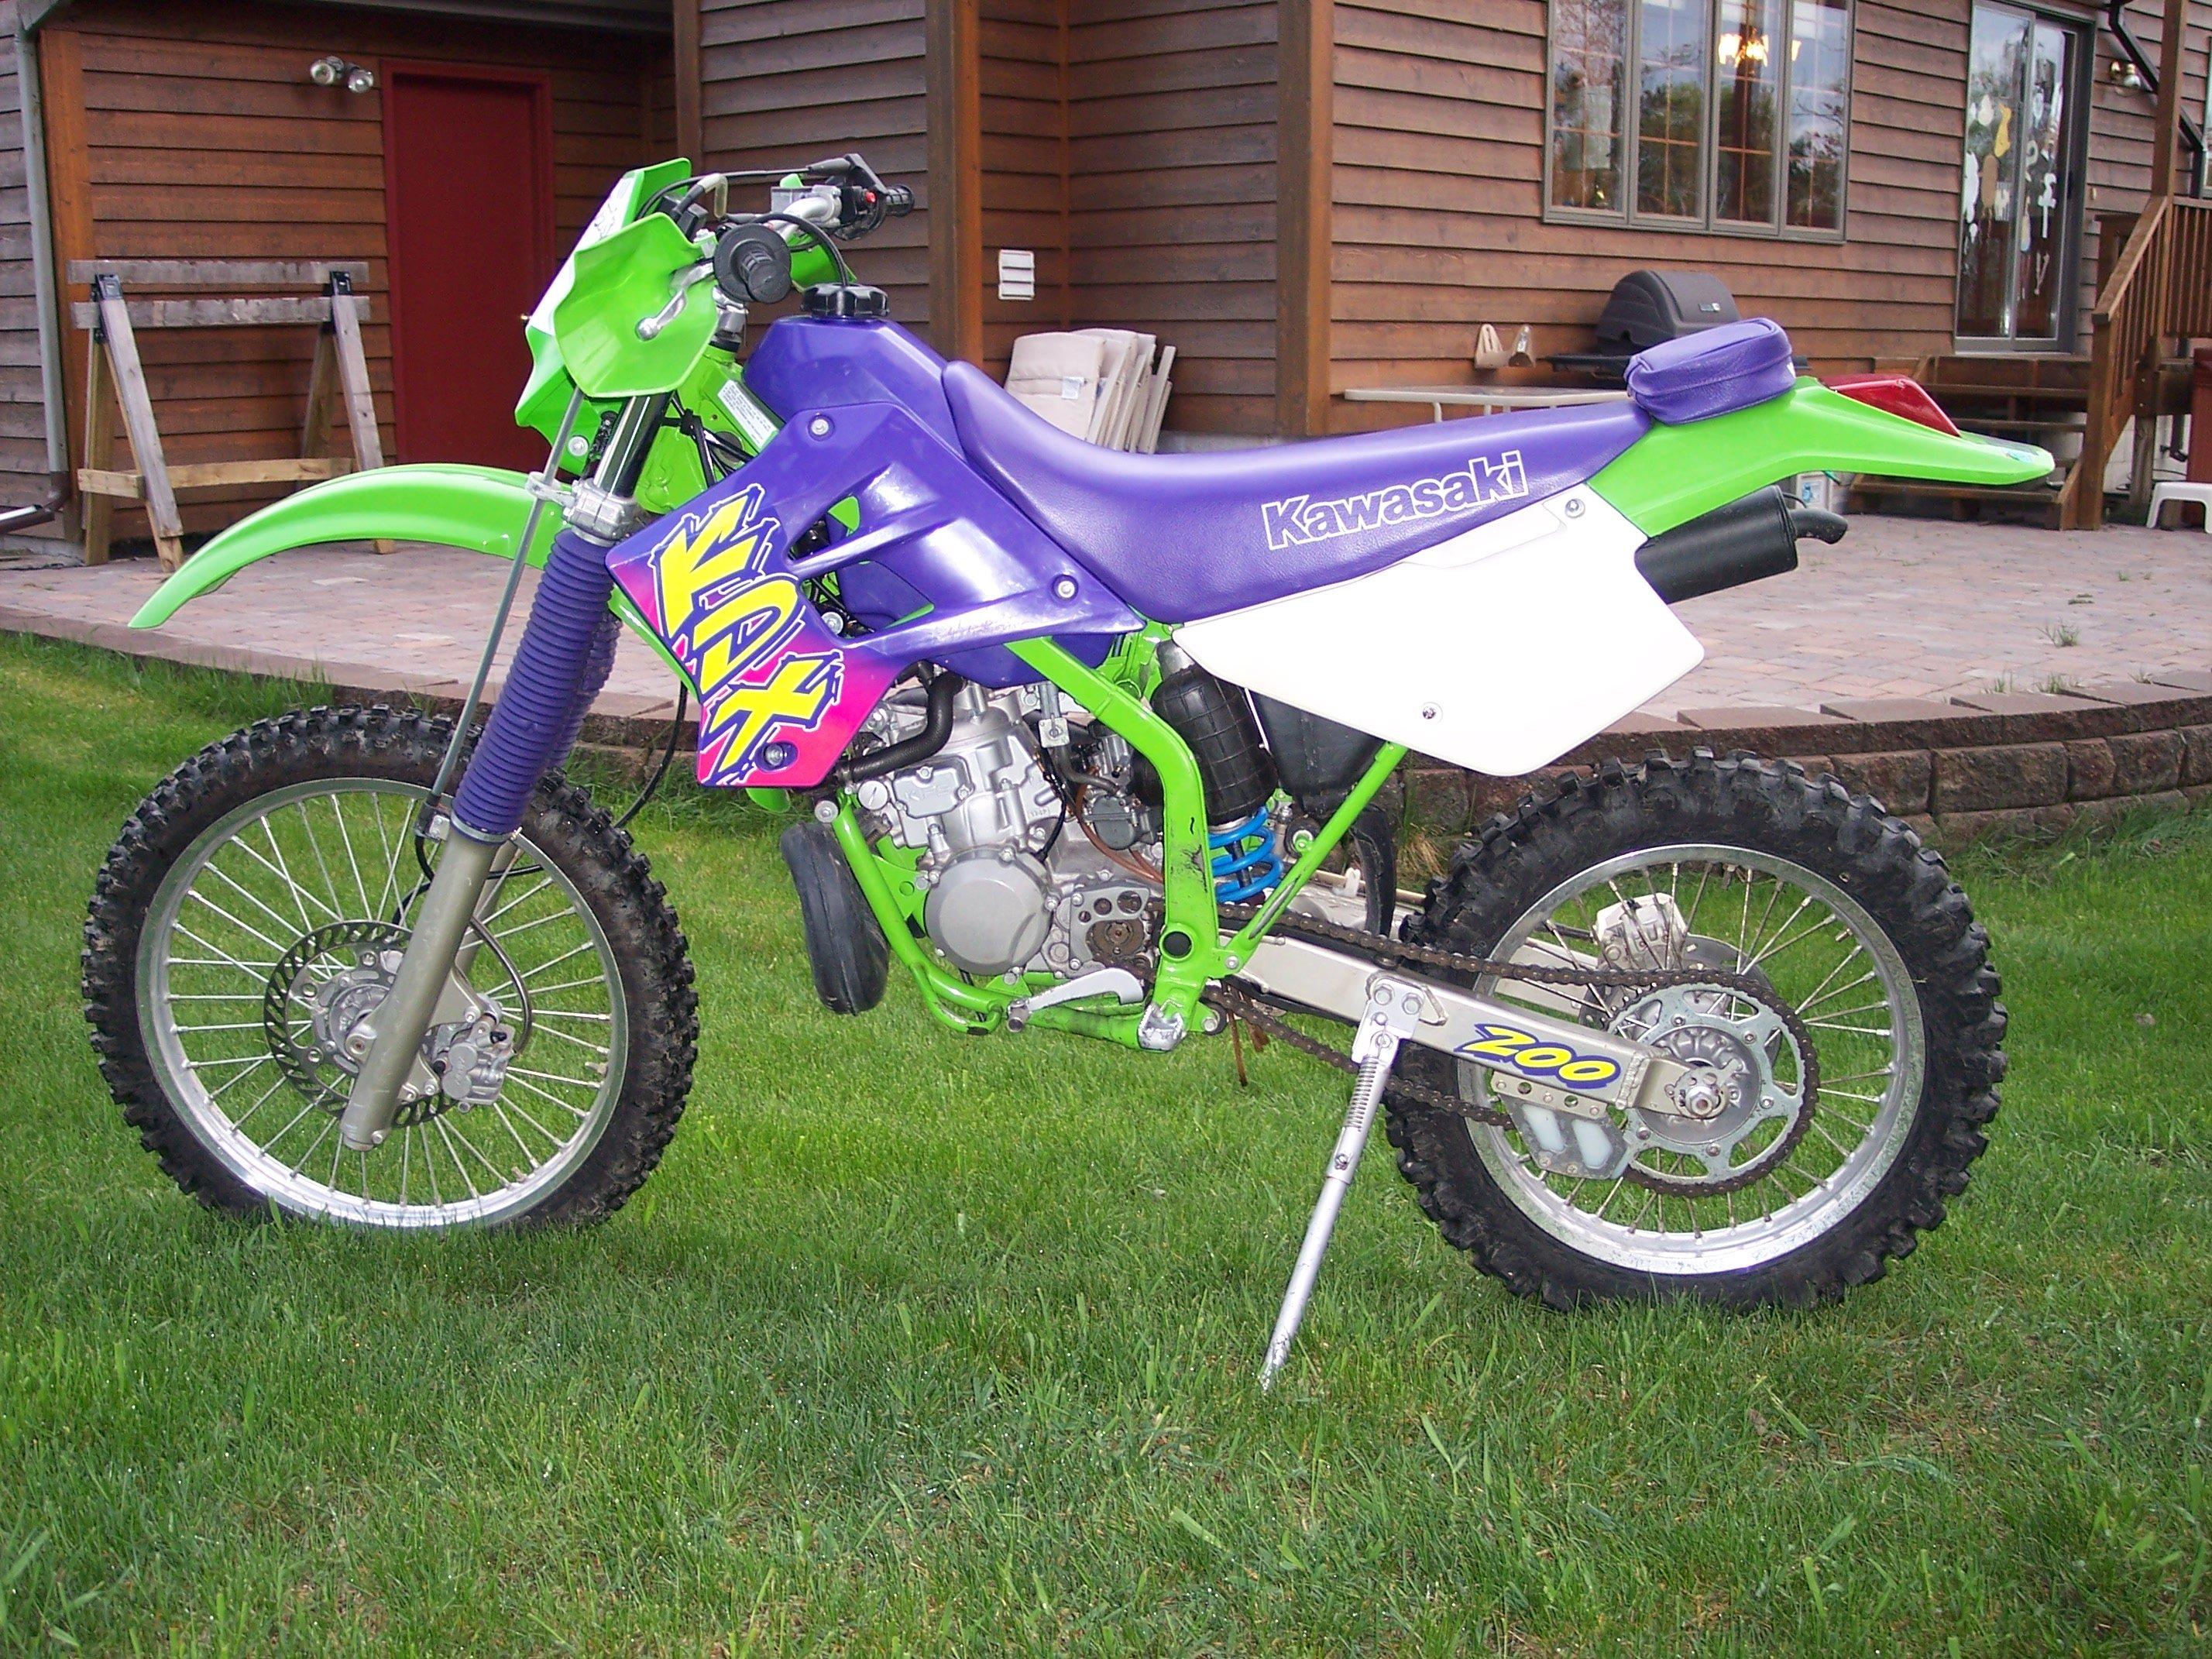 Kdx Kawasaki For Sale